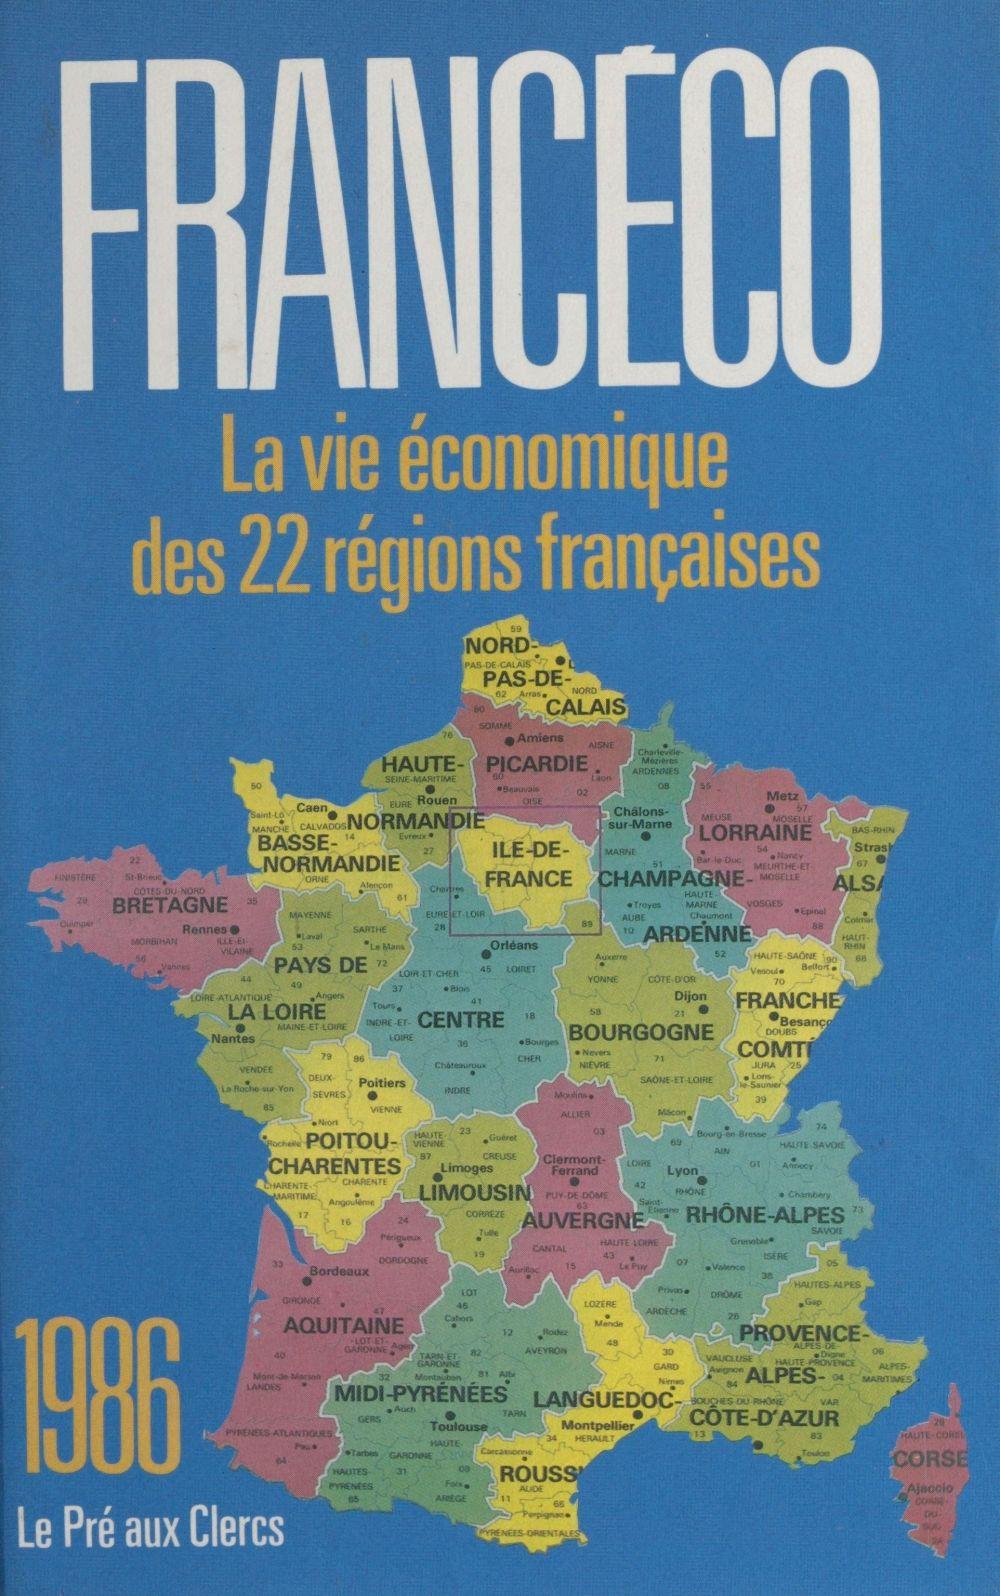 Francéco 1986 : la vie économique des 22 régions françaises